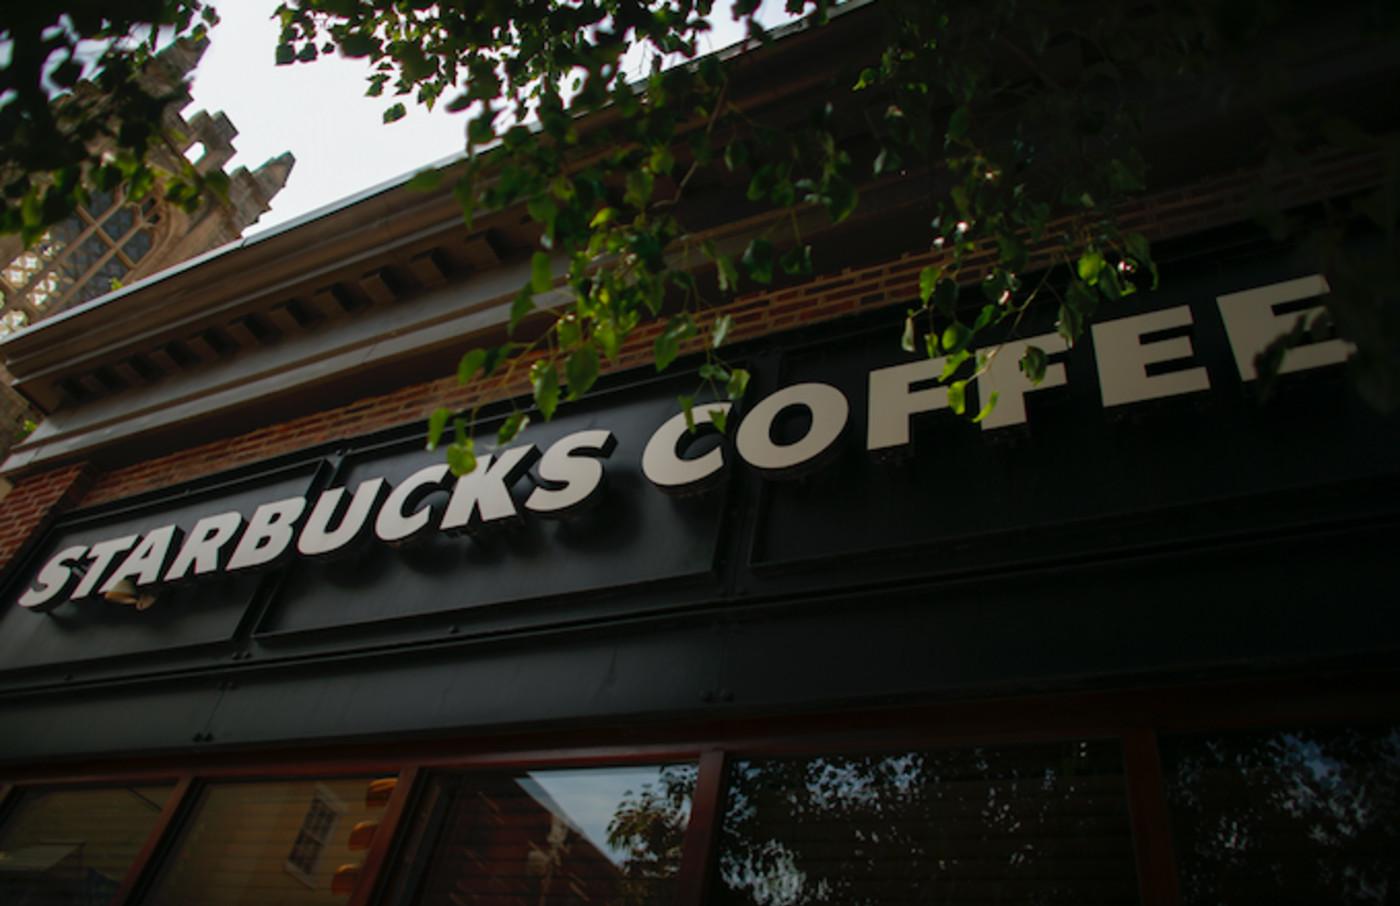 Starbucks customer service essay